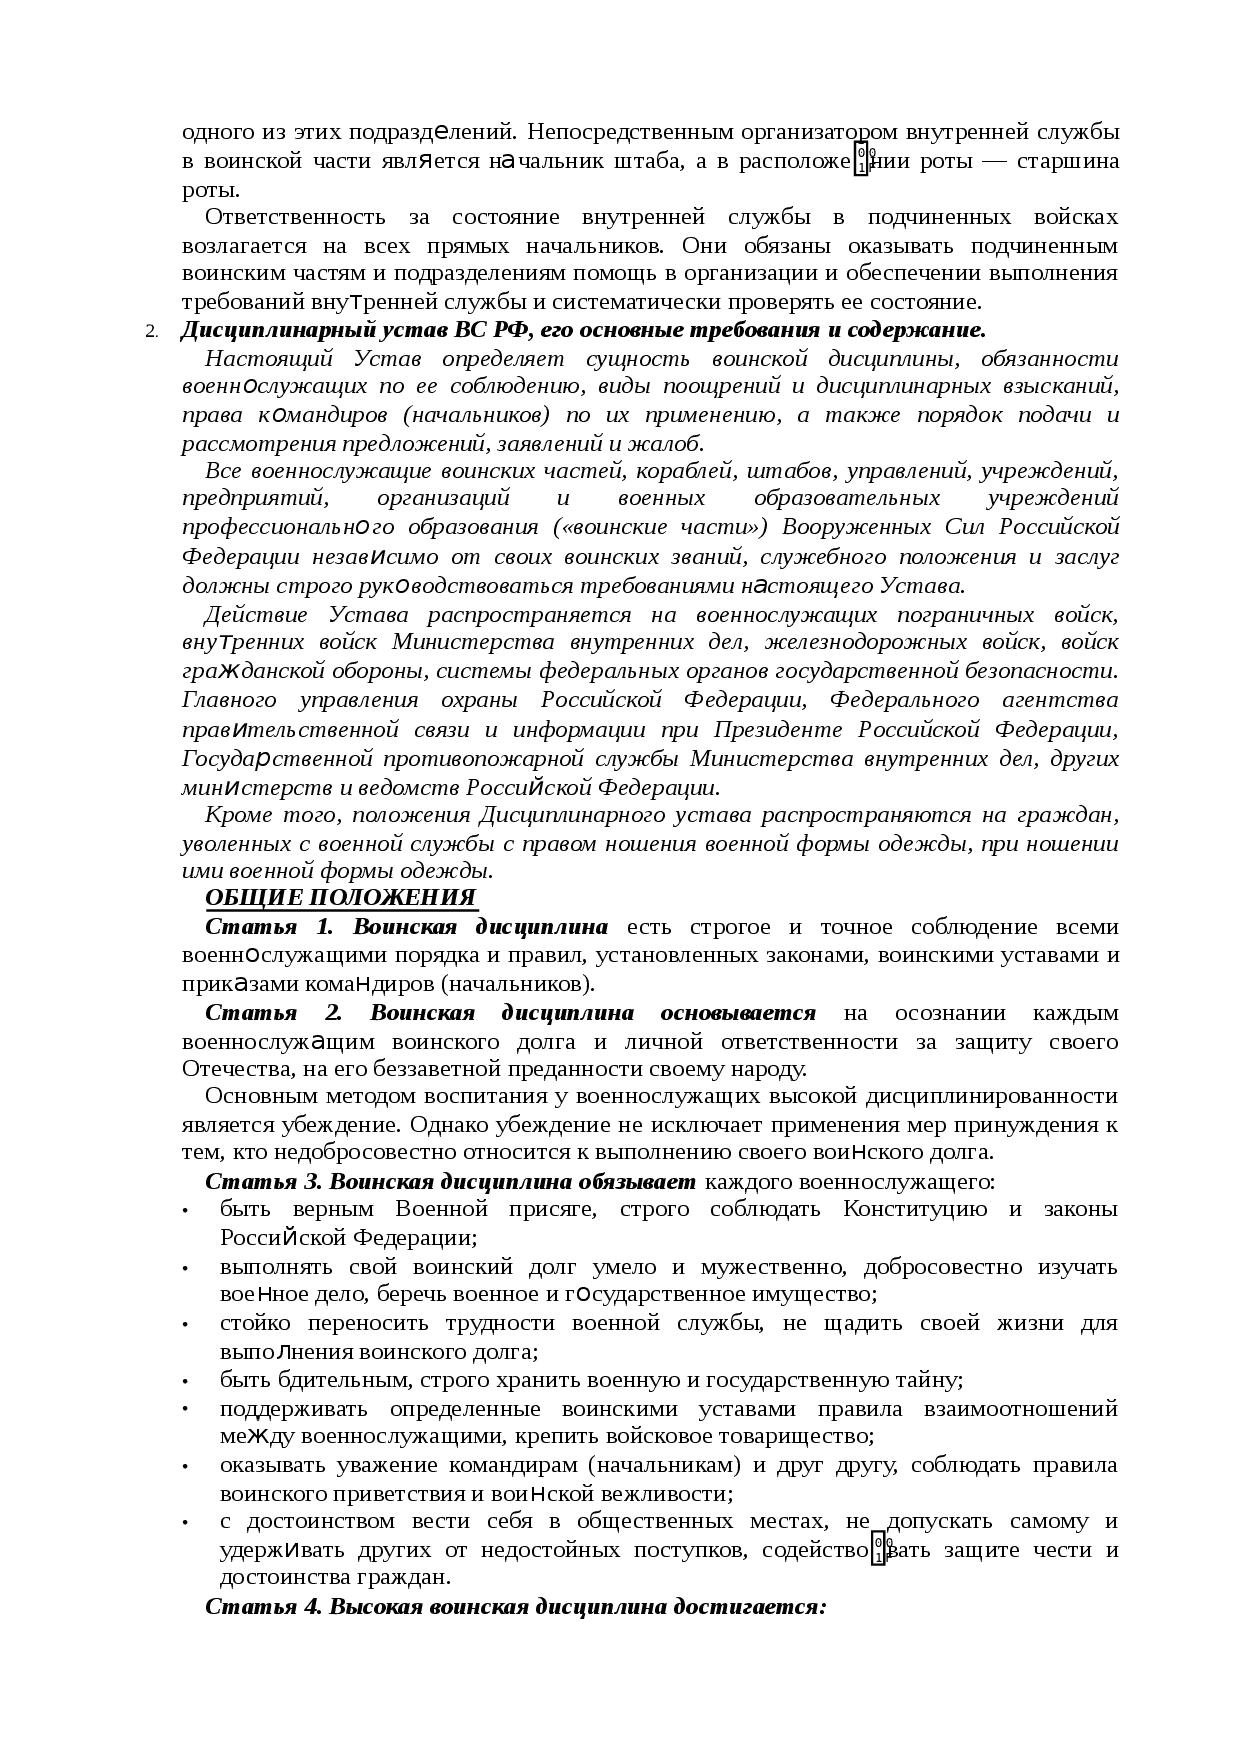 Общевоинские уставы вс рф